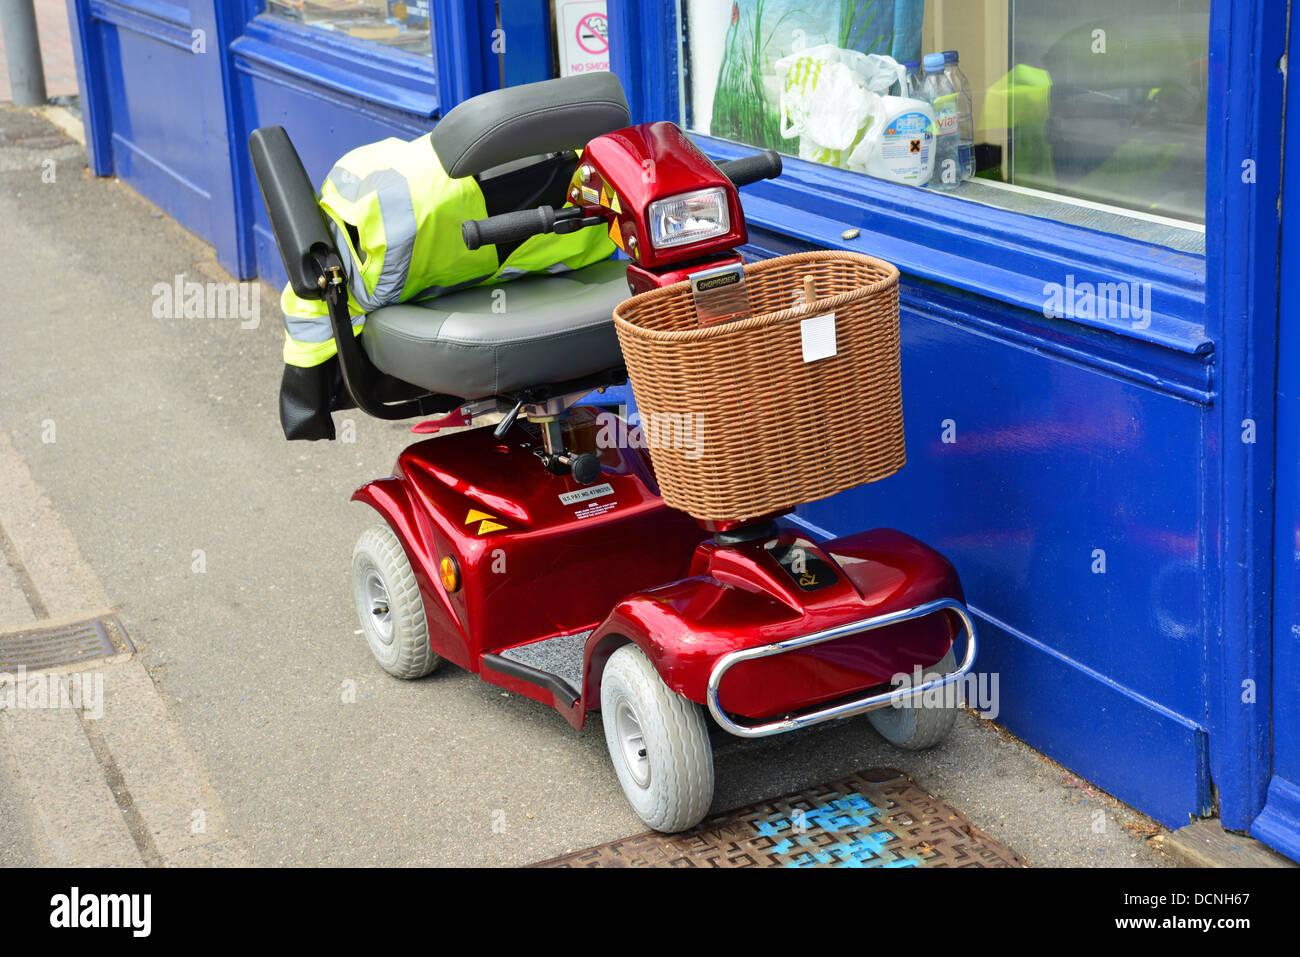 Scooter di mobilità al di fuori del negozio, Città Alta, Hereford, Herefordshire, England, Regno Unito Immagini Stock